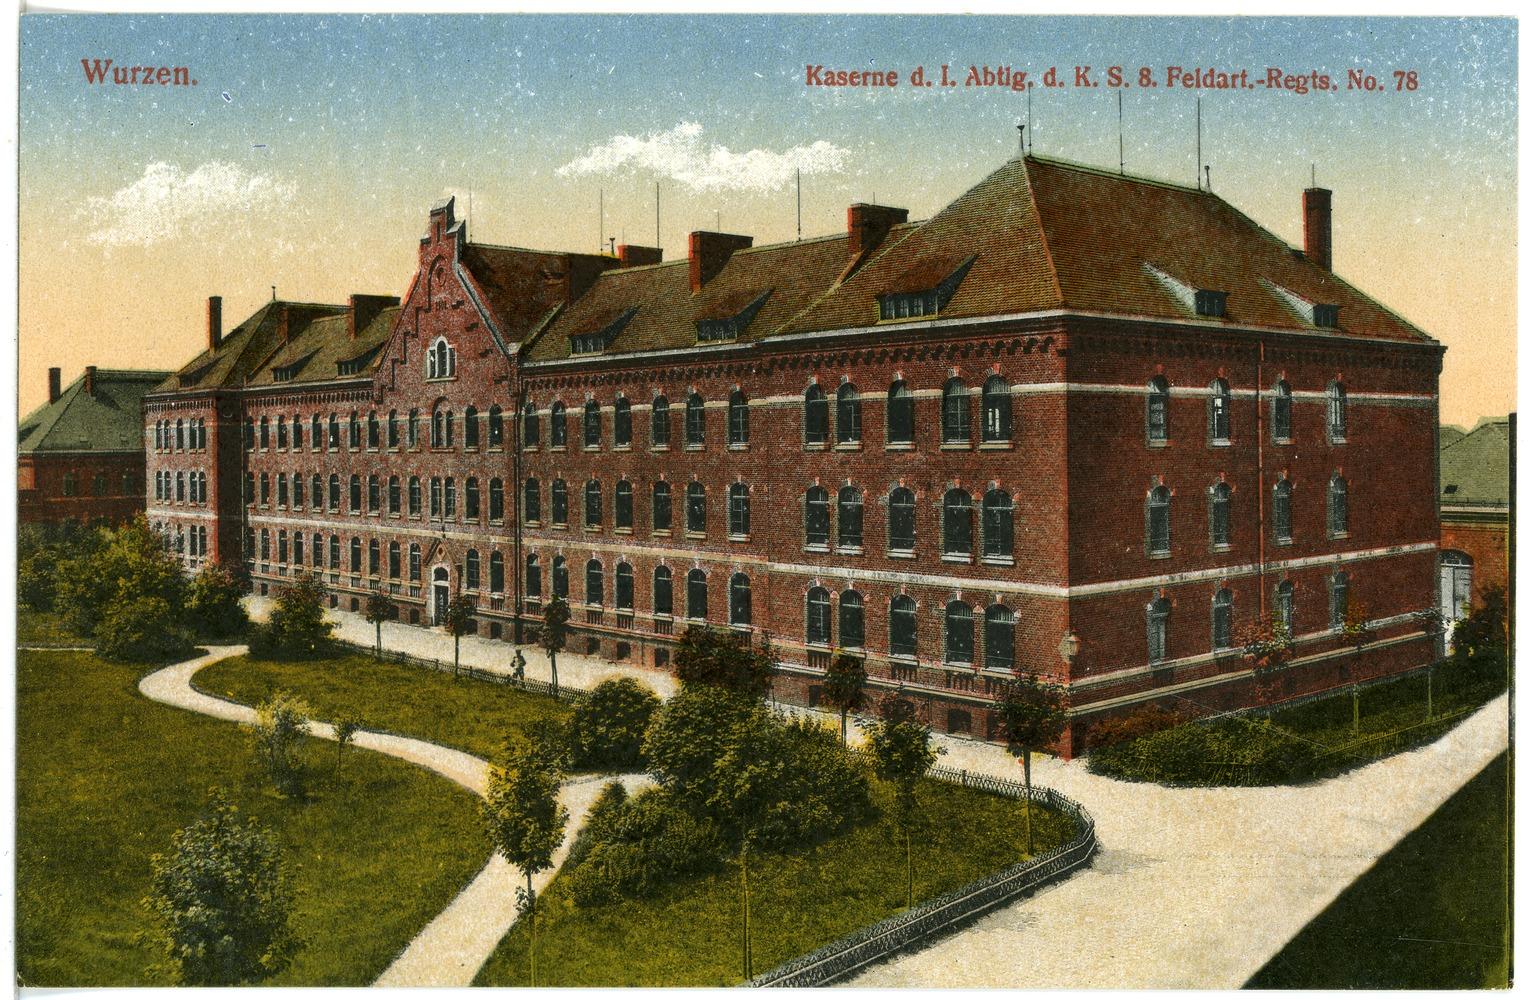 File:20414-Wurzen-1917-Kaserne der 1. Abteilung des 8.